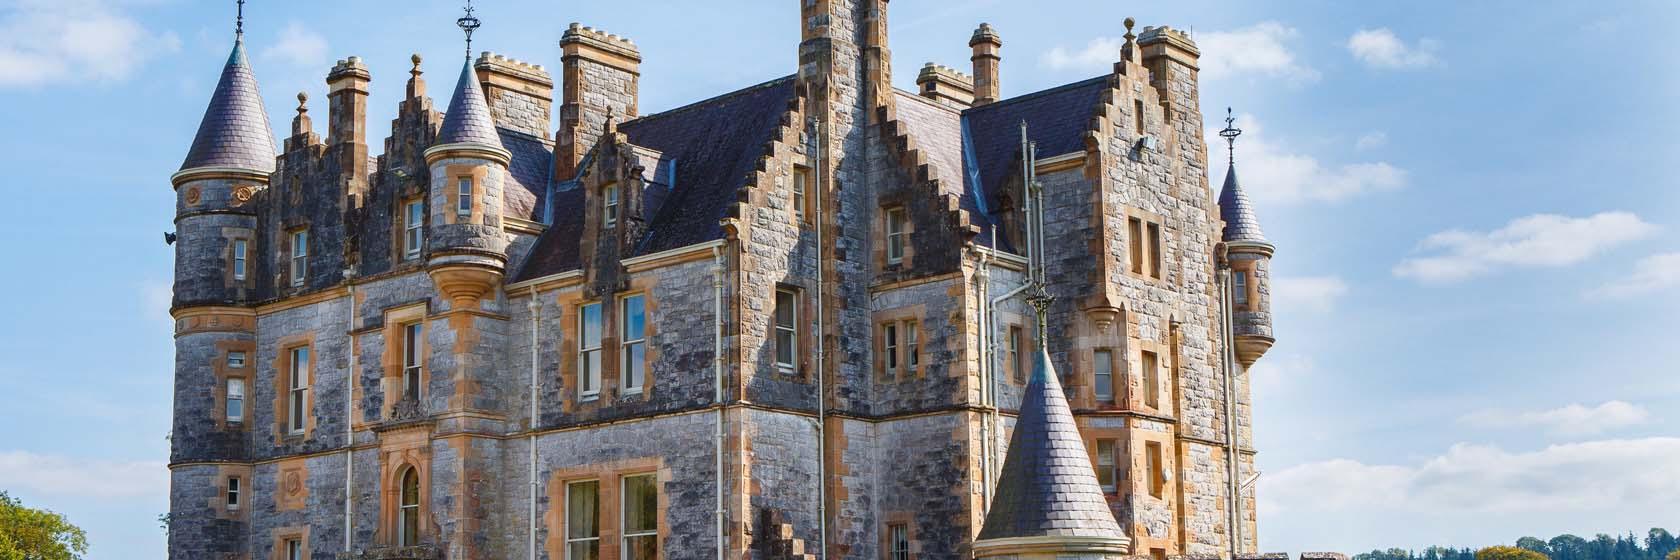 Belmond Grand Hibernian: Legends and Loughs, 5 Days Dublin Return with A&K